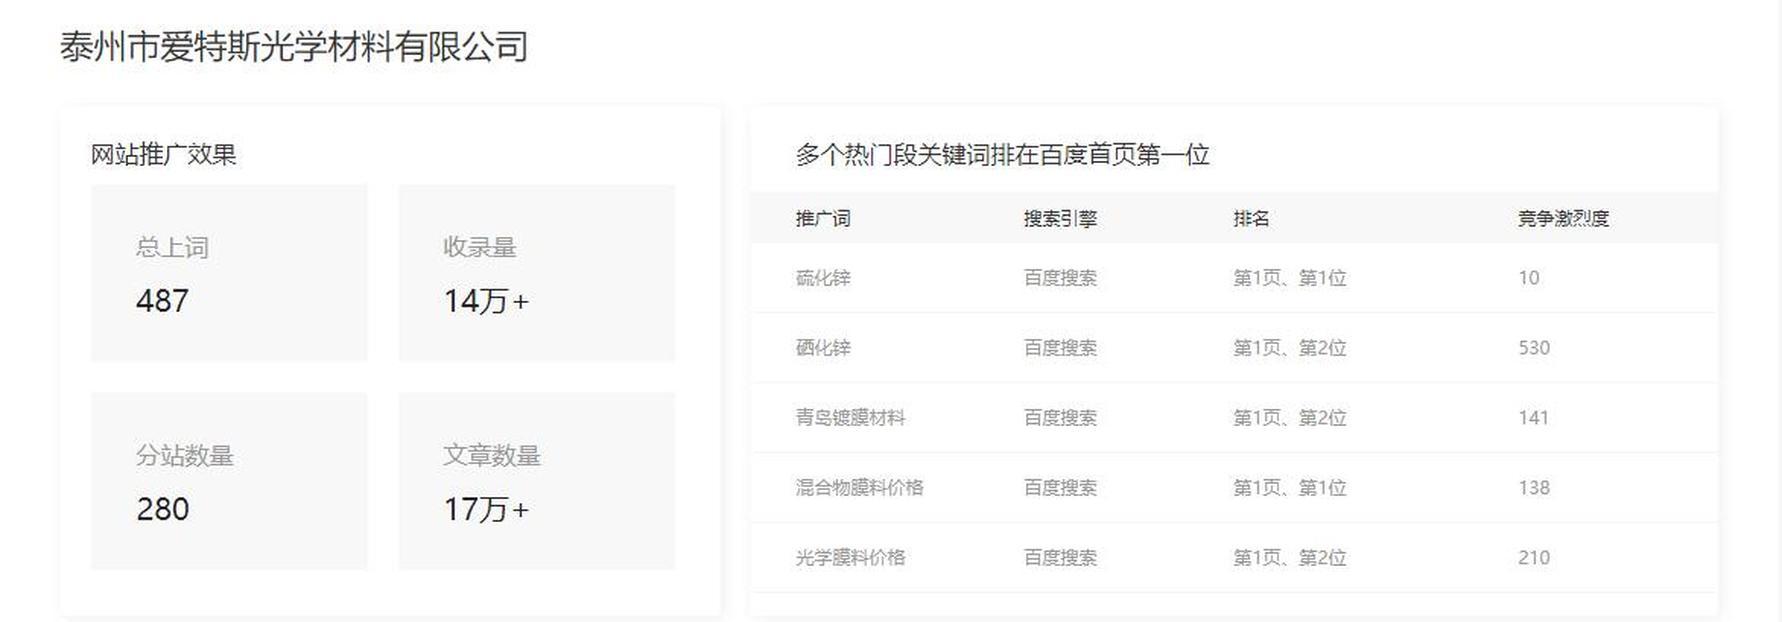 海潮涟漪(天津)网络科技有限公司-案例展示